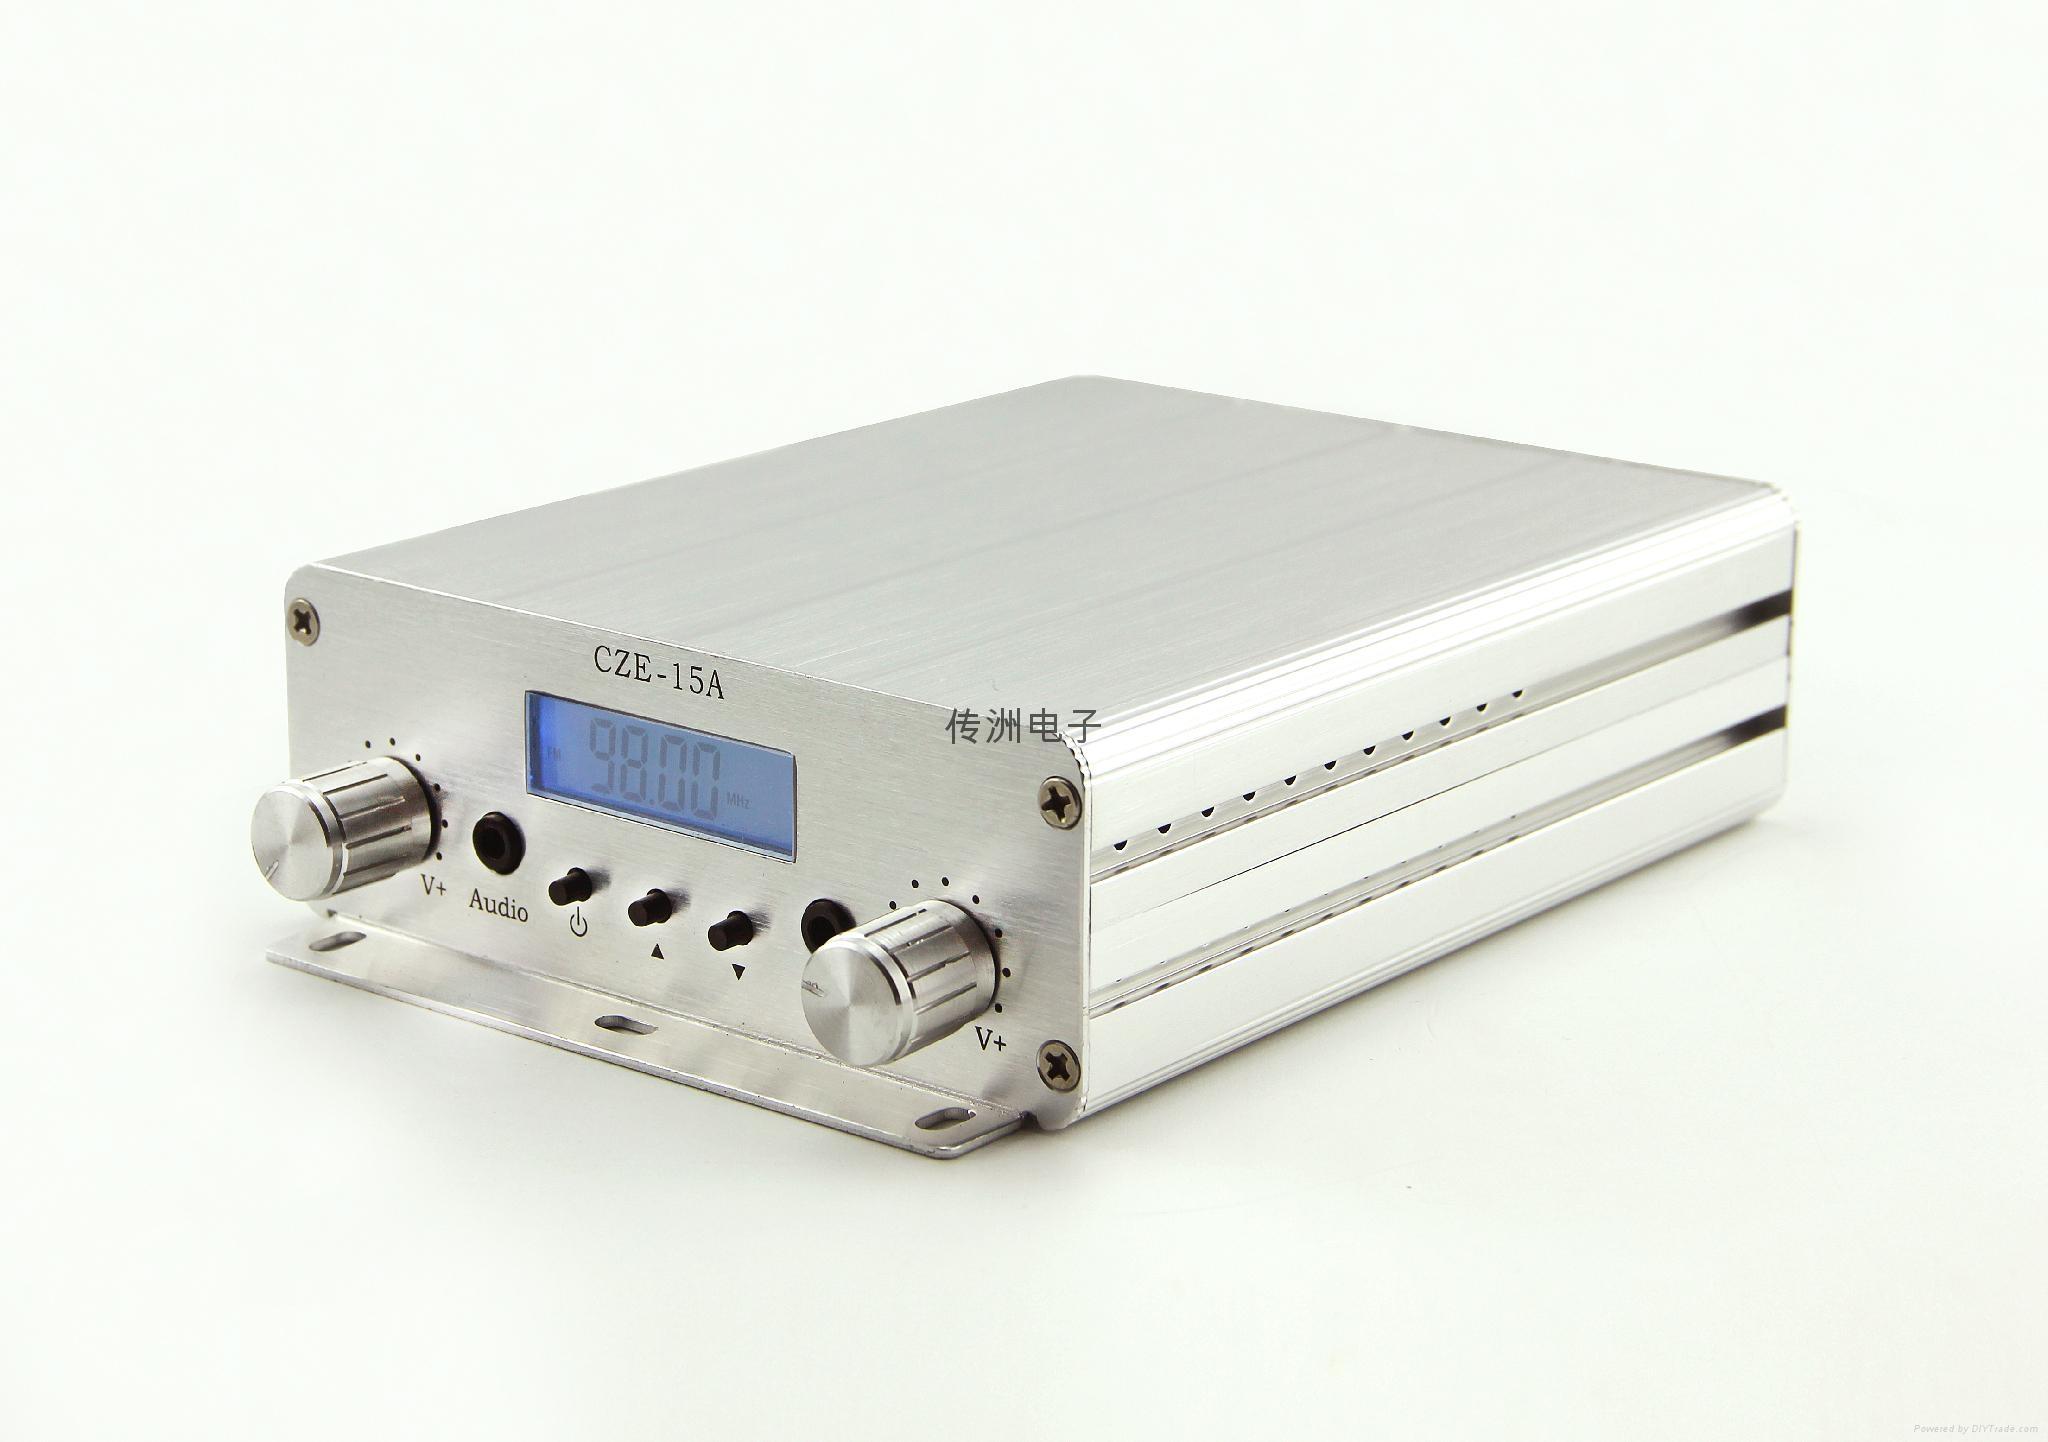 CZE-15A 15W Diy Power Amplifier Kit FM Transmitter 5